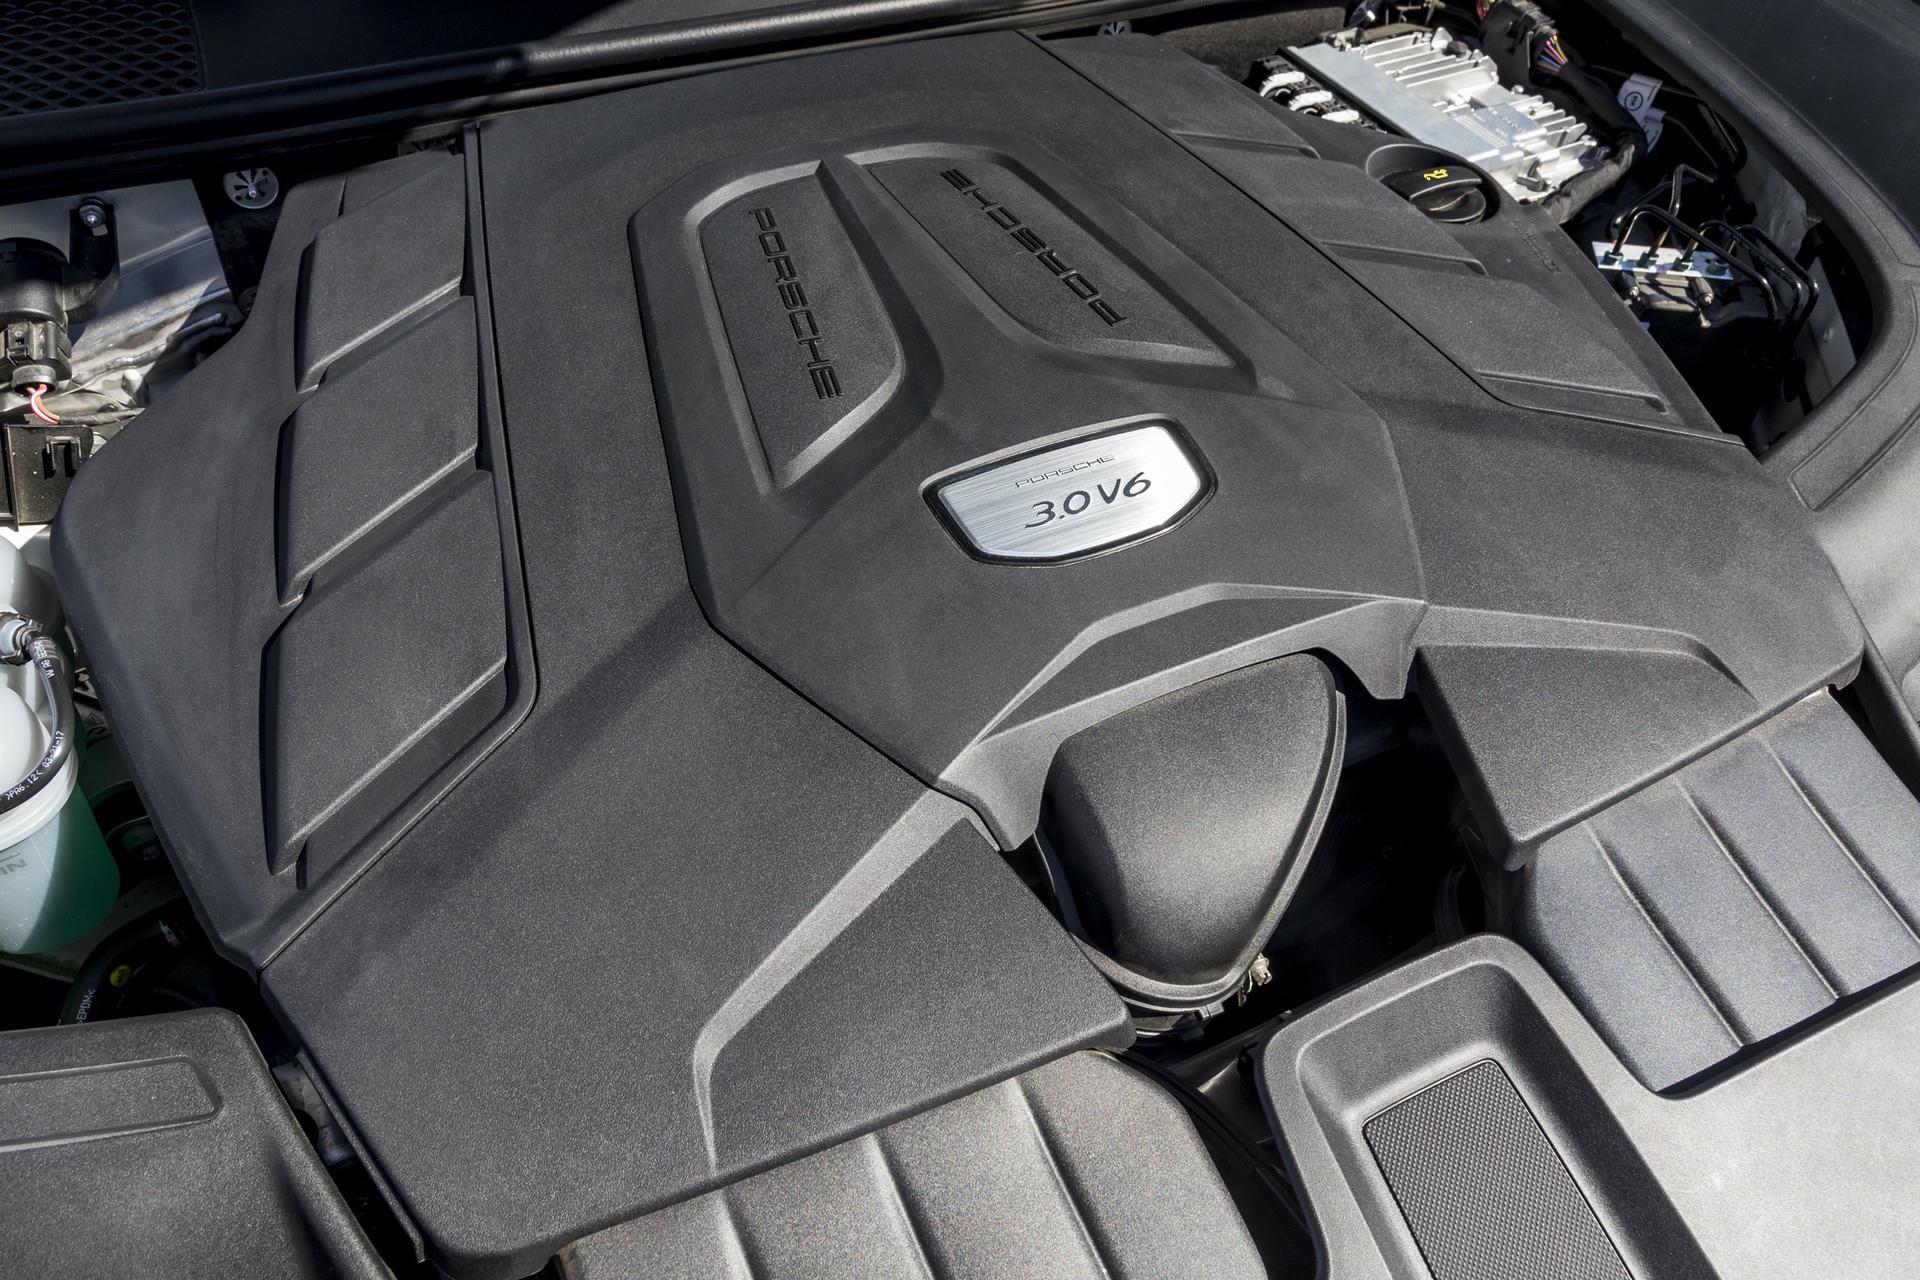 Test_Drive_Porsche_Cayenne_326